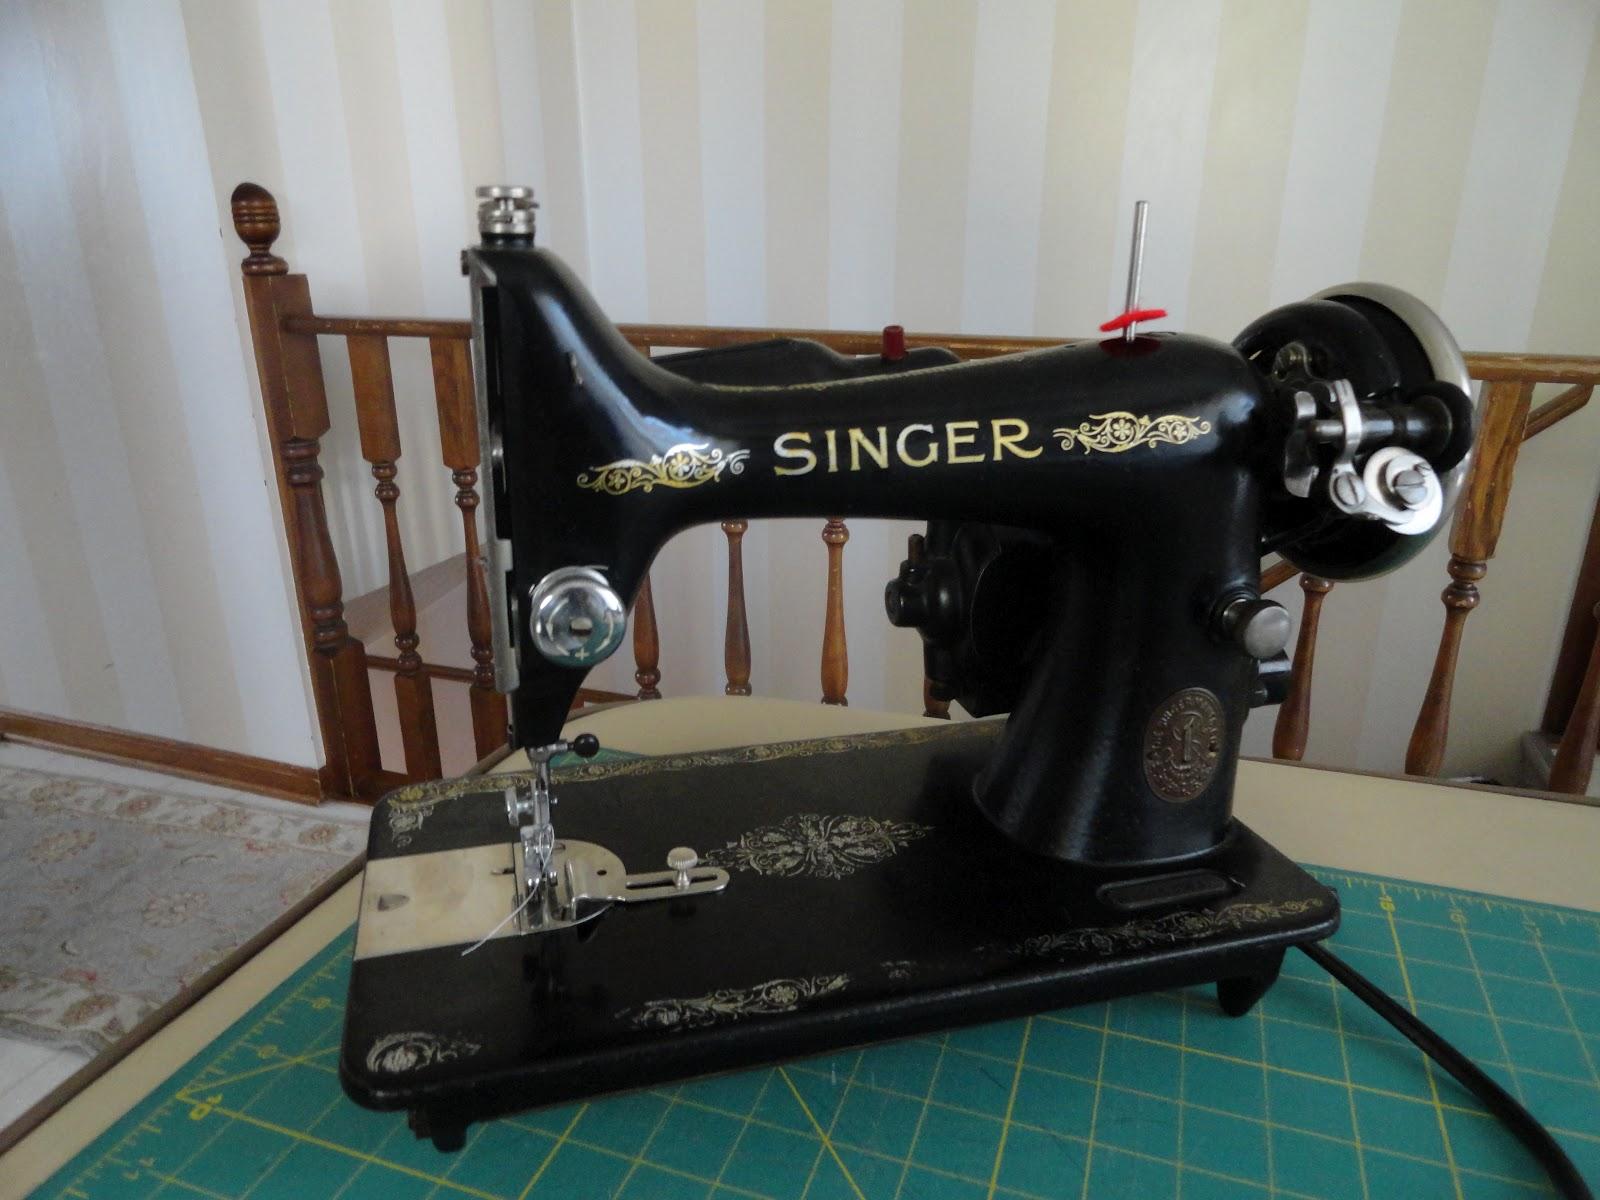 singer wiring diagram singer image wiring 15 91 singer sewing machine wiring diagram on singer 15 91 wiring diagram